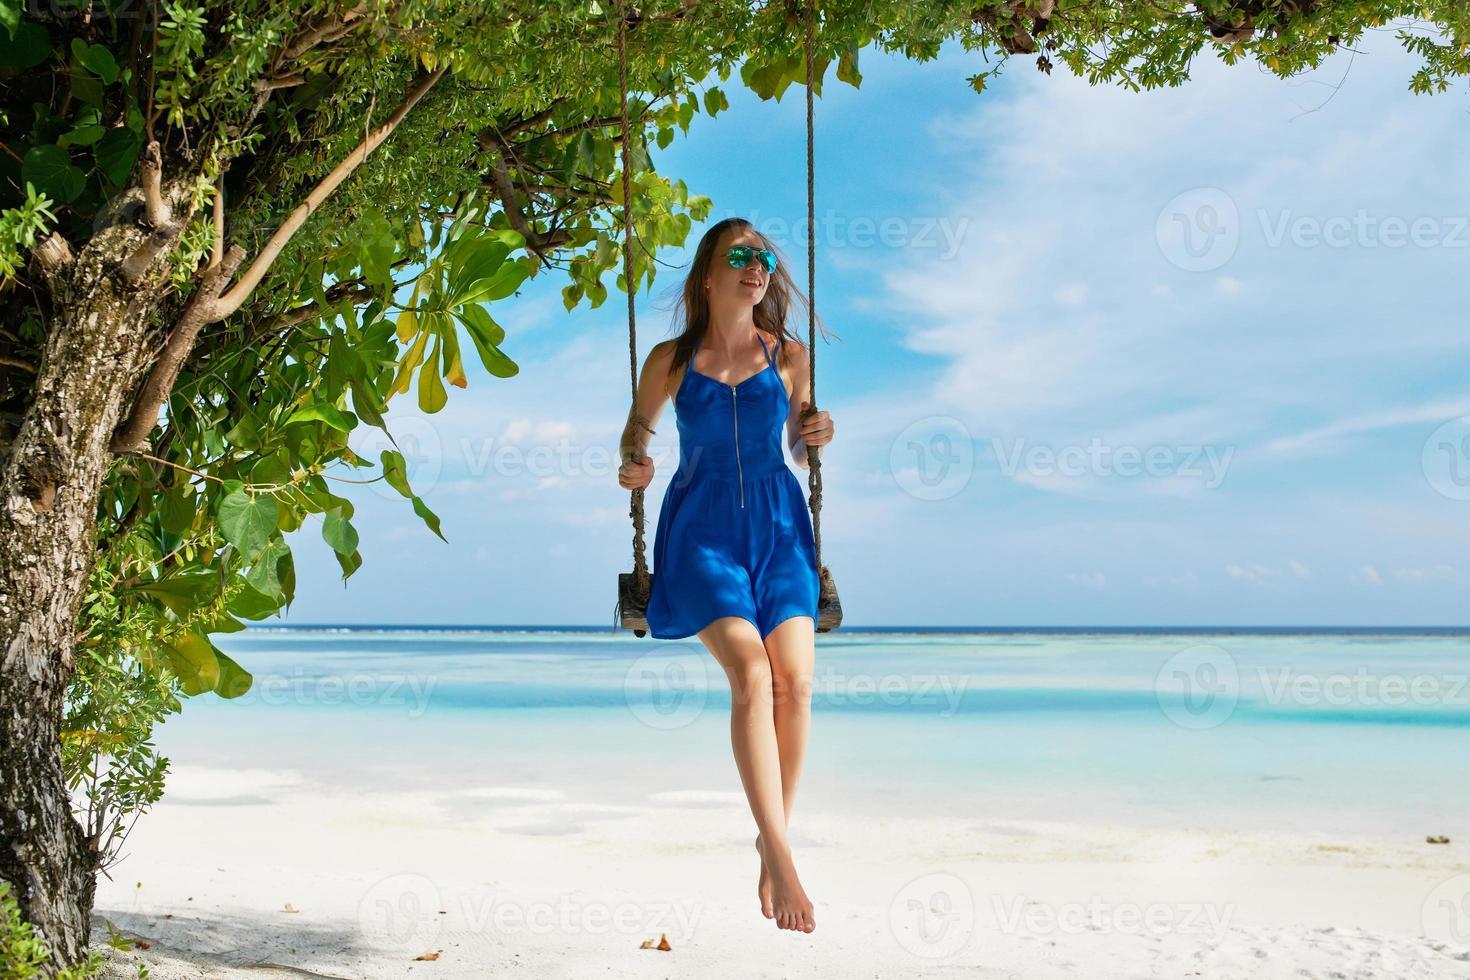 donna in abito blu oscillante in spiaggia foto